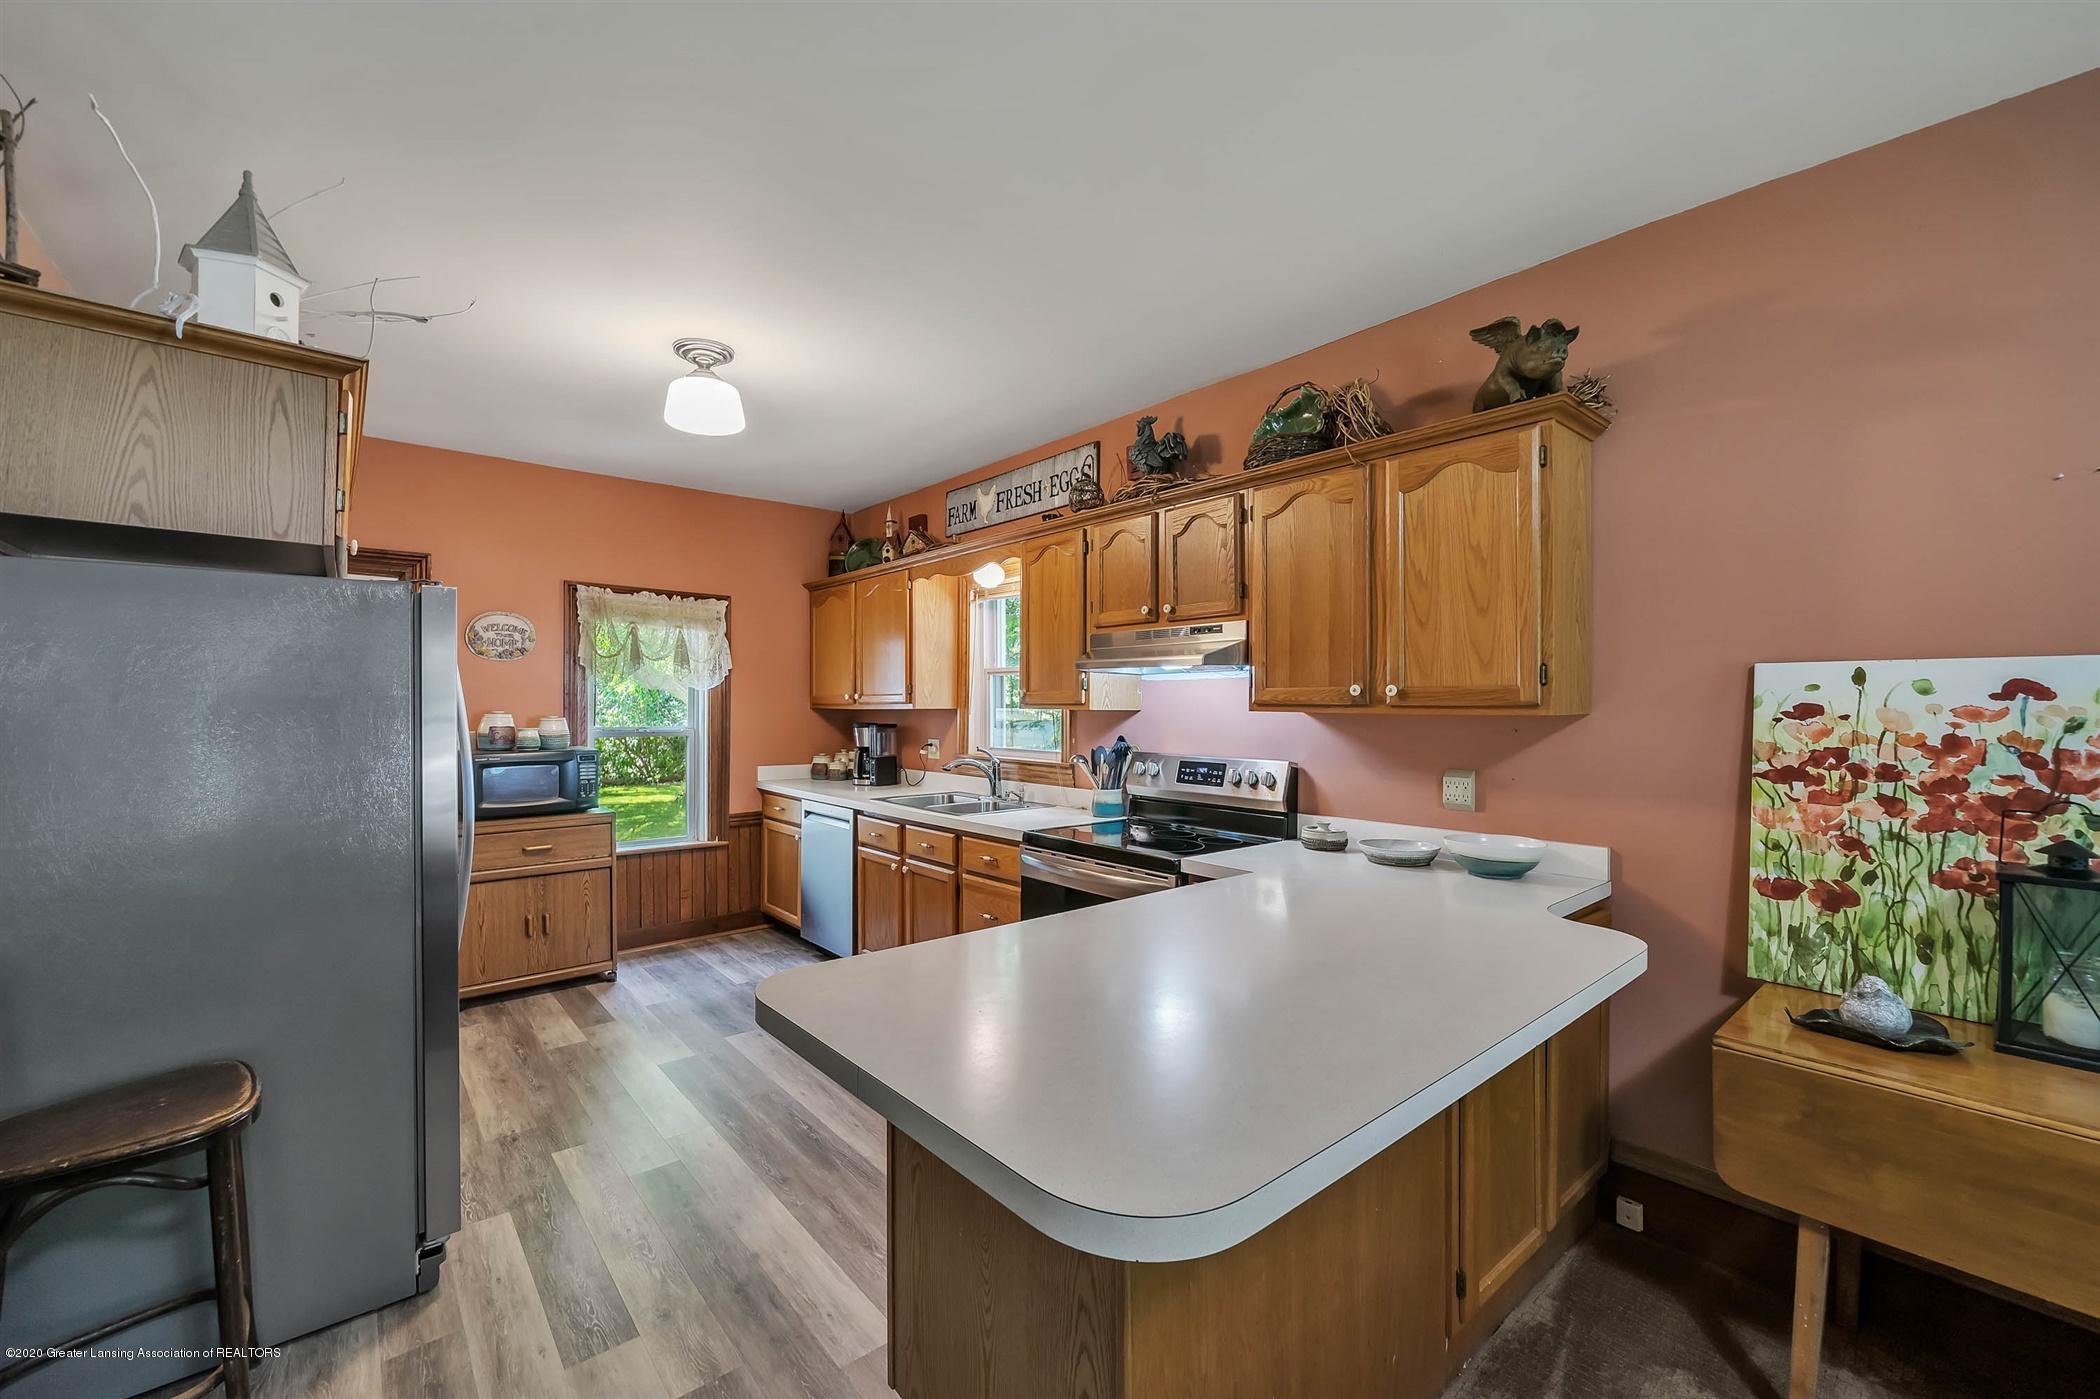 518 S Smith Rd - (12) MAIN FLOOR Kitchen - 13